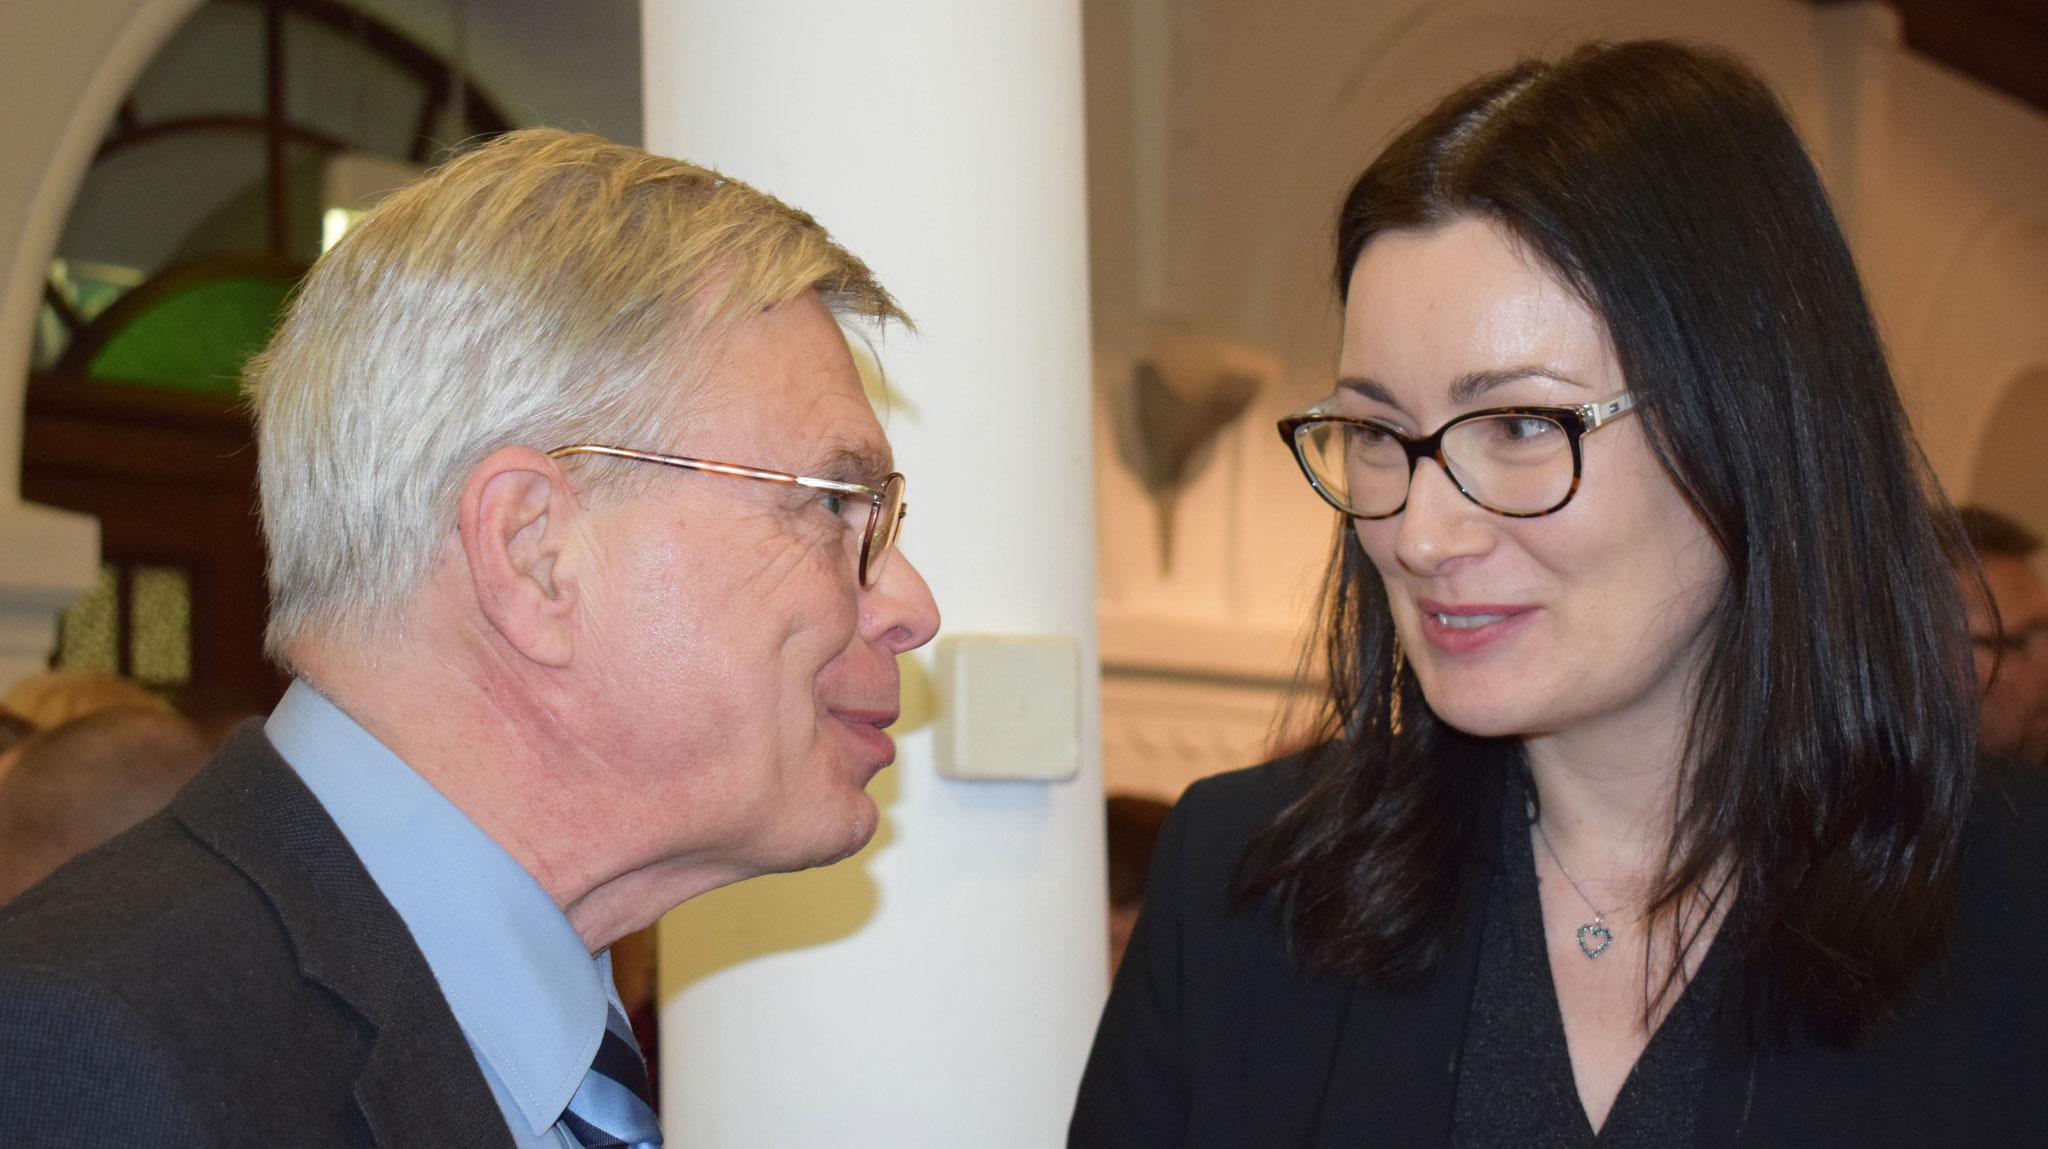 Foto Kanzlerstiftung: Oberkirchenrat Christian von Bülow im Gespräch mit Daniela Schieke